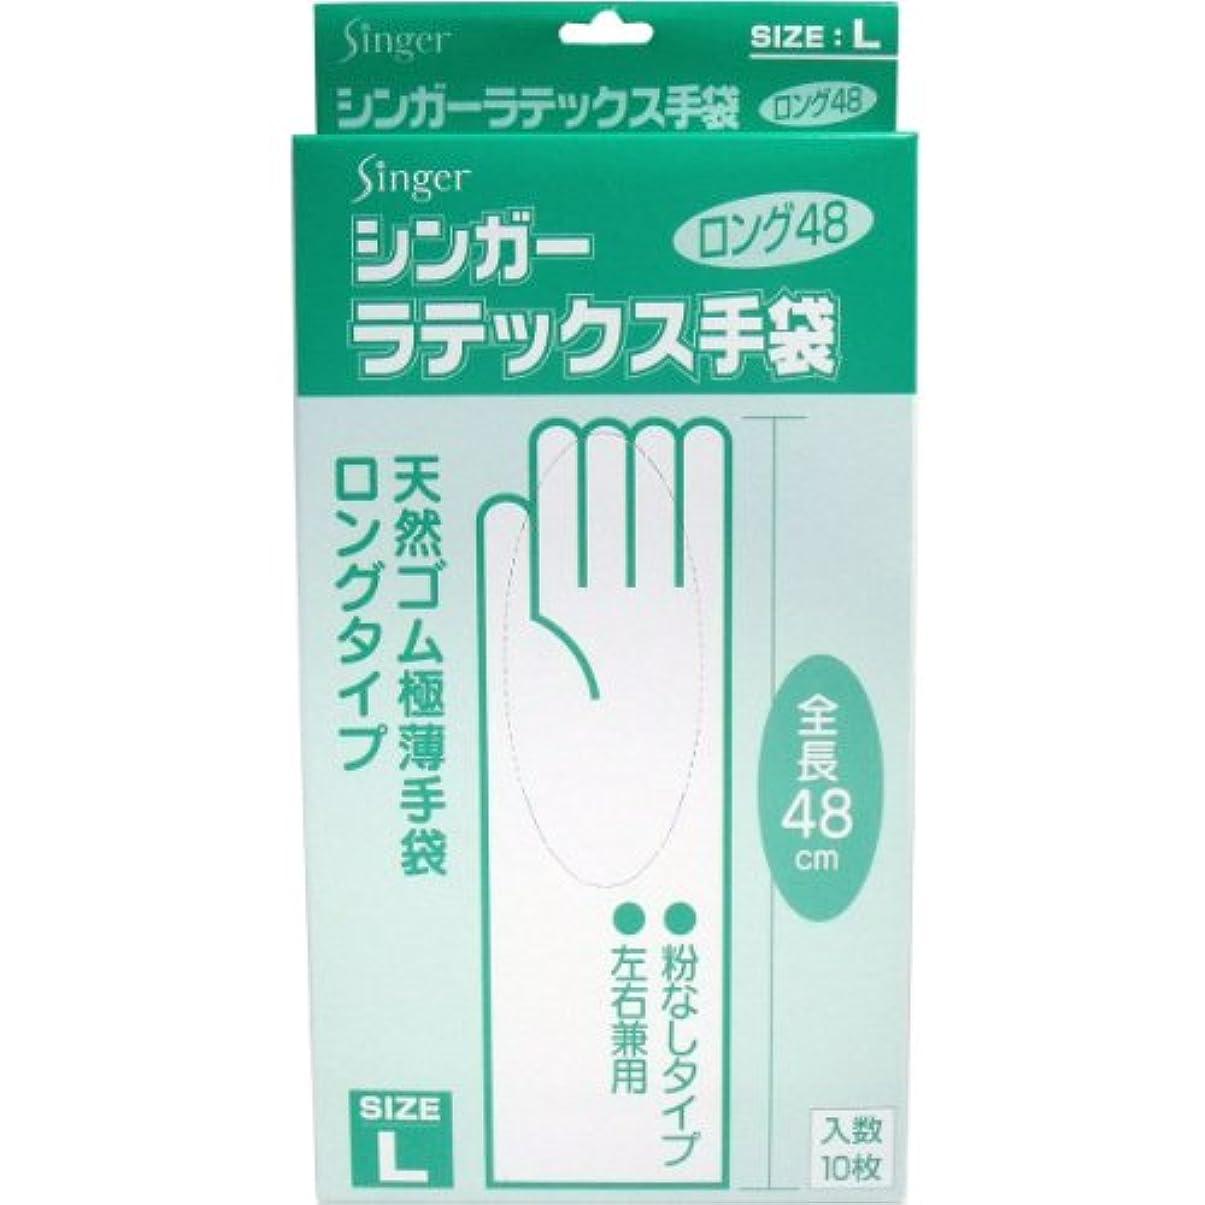 アイスクリーム重荷緊張する宇都宮製作 シンガー ラテックス手袋 ロング48 パウダーフリー L 1セット(30枚:10枚×3箱)